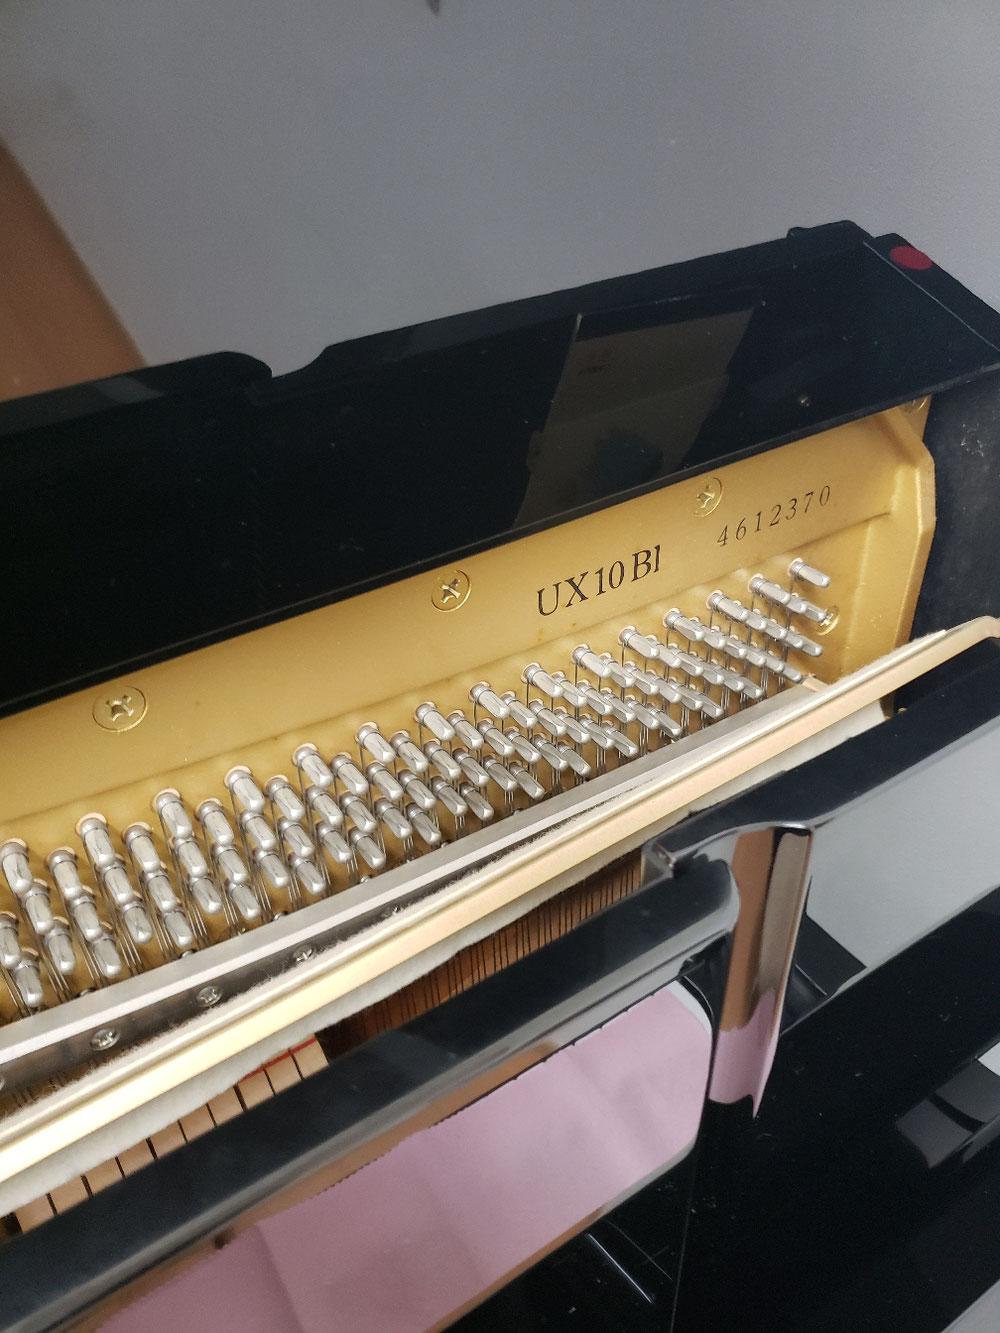 思い出のピアノ、あきらめないで下さい。